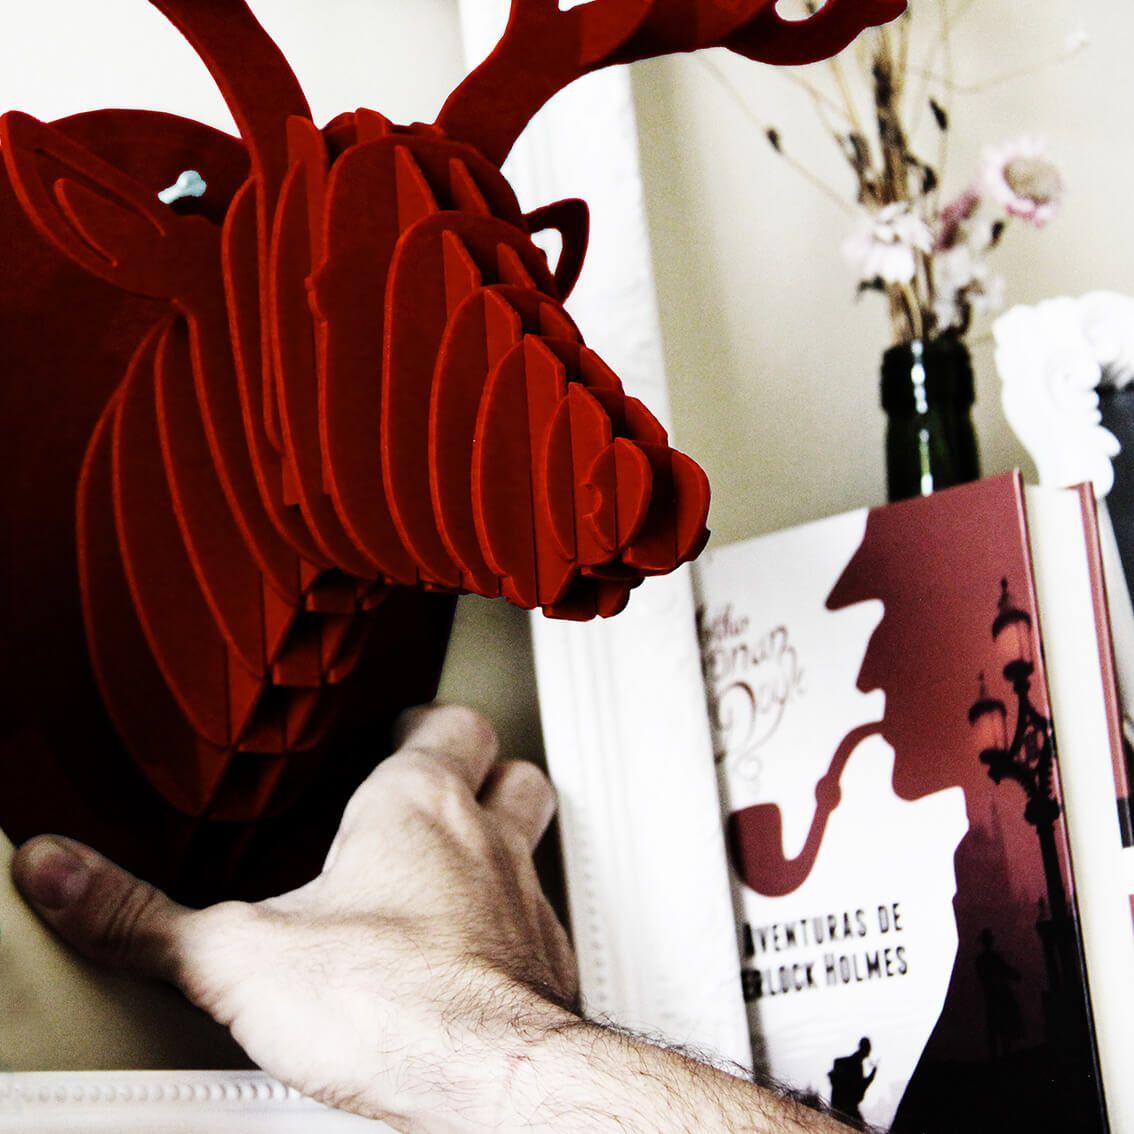 Cervo Vermelho (Cucuruto)